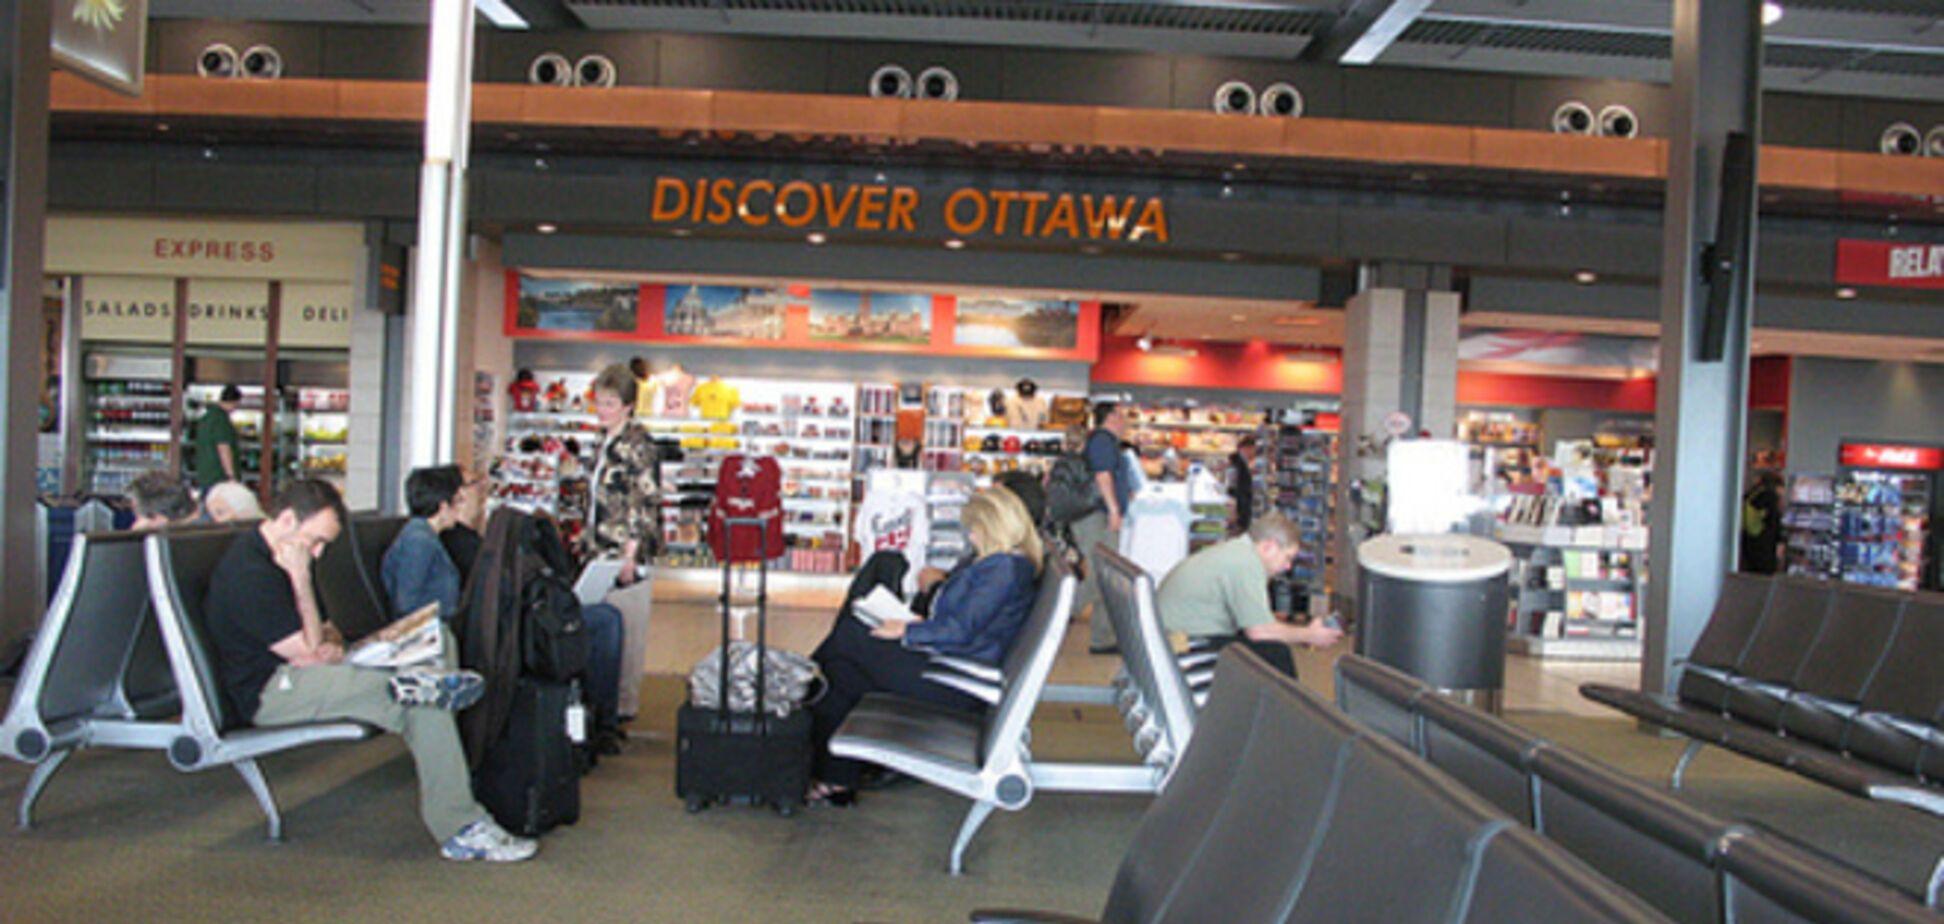 Канадський політик забув в аеропорту папку з секретними документами НАТО